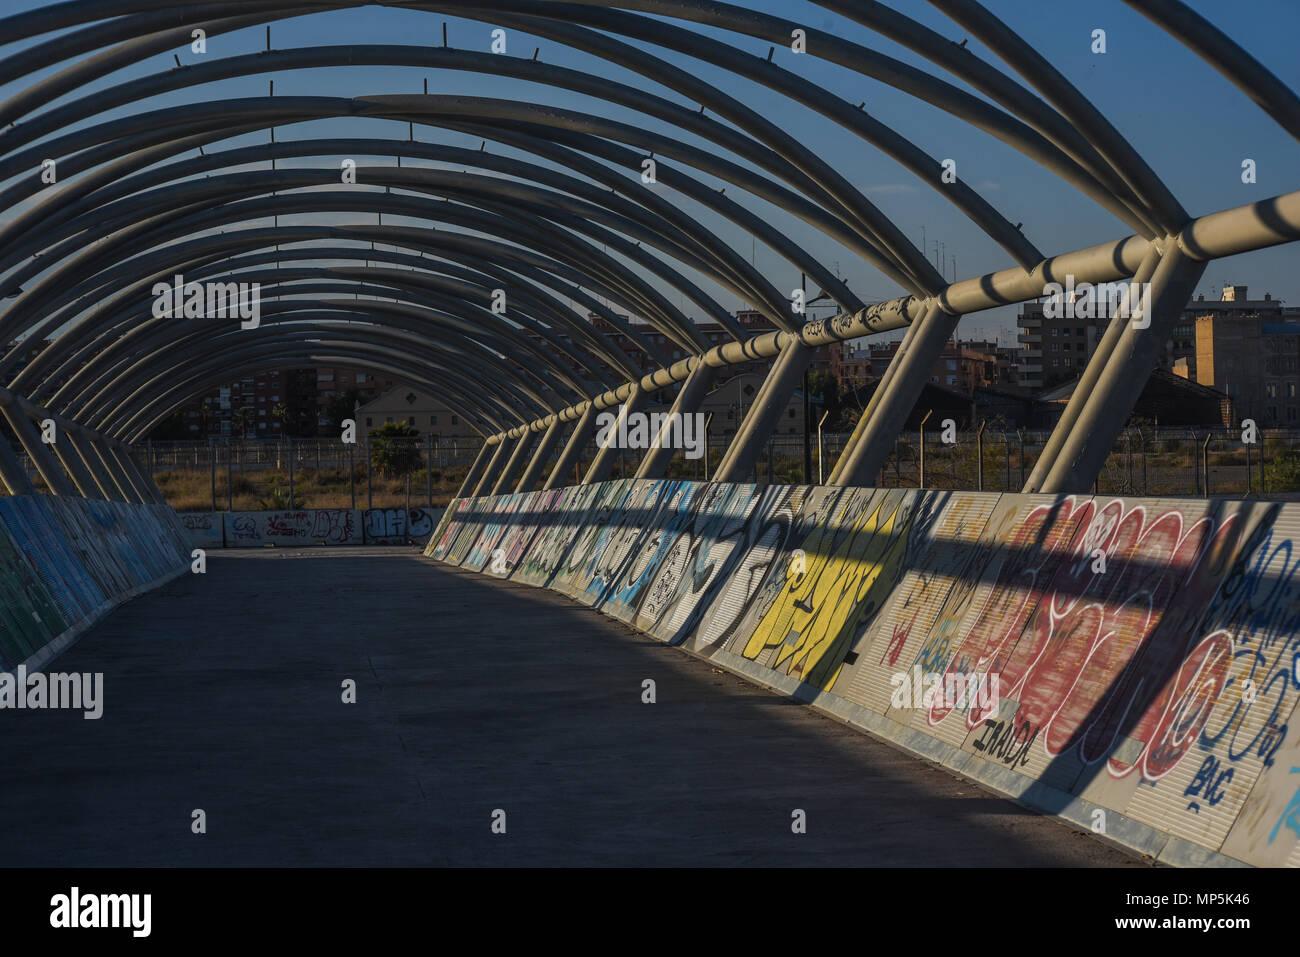 Circuito Urbano Valencia : Valencia harbour imágenes de stock valencia harbour fotos de